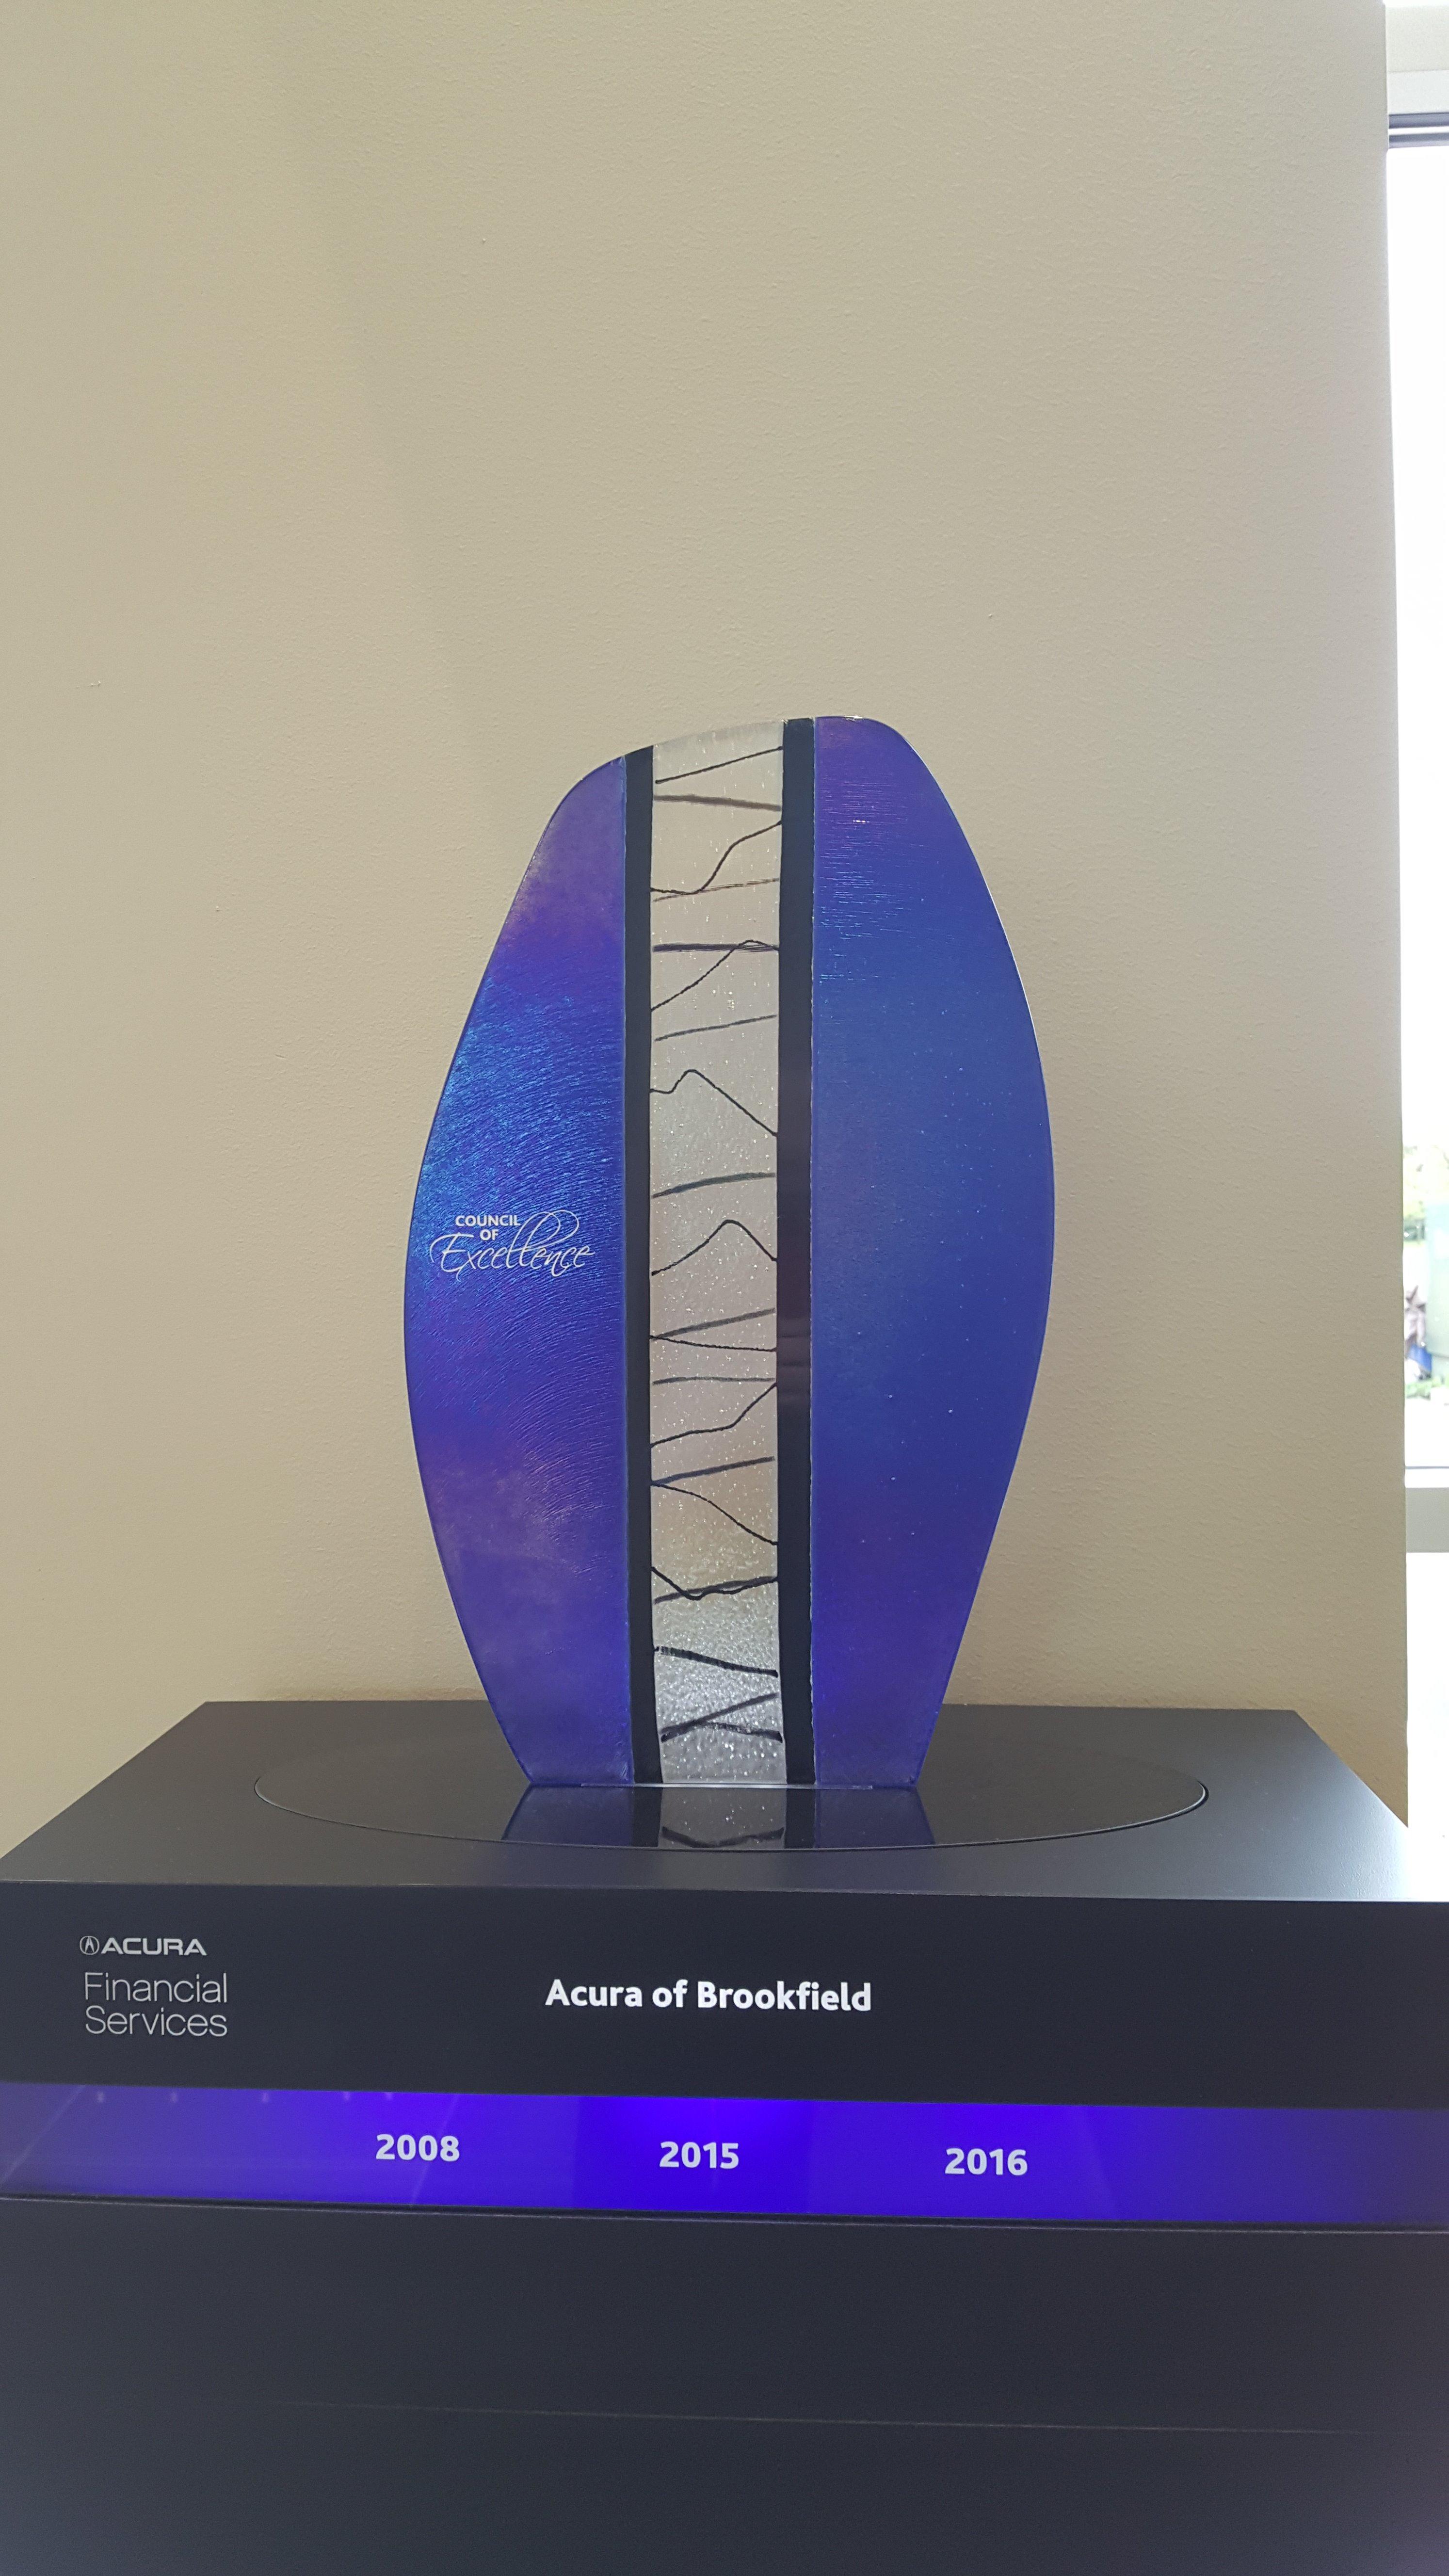 Acura of Brookfield image 4